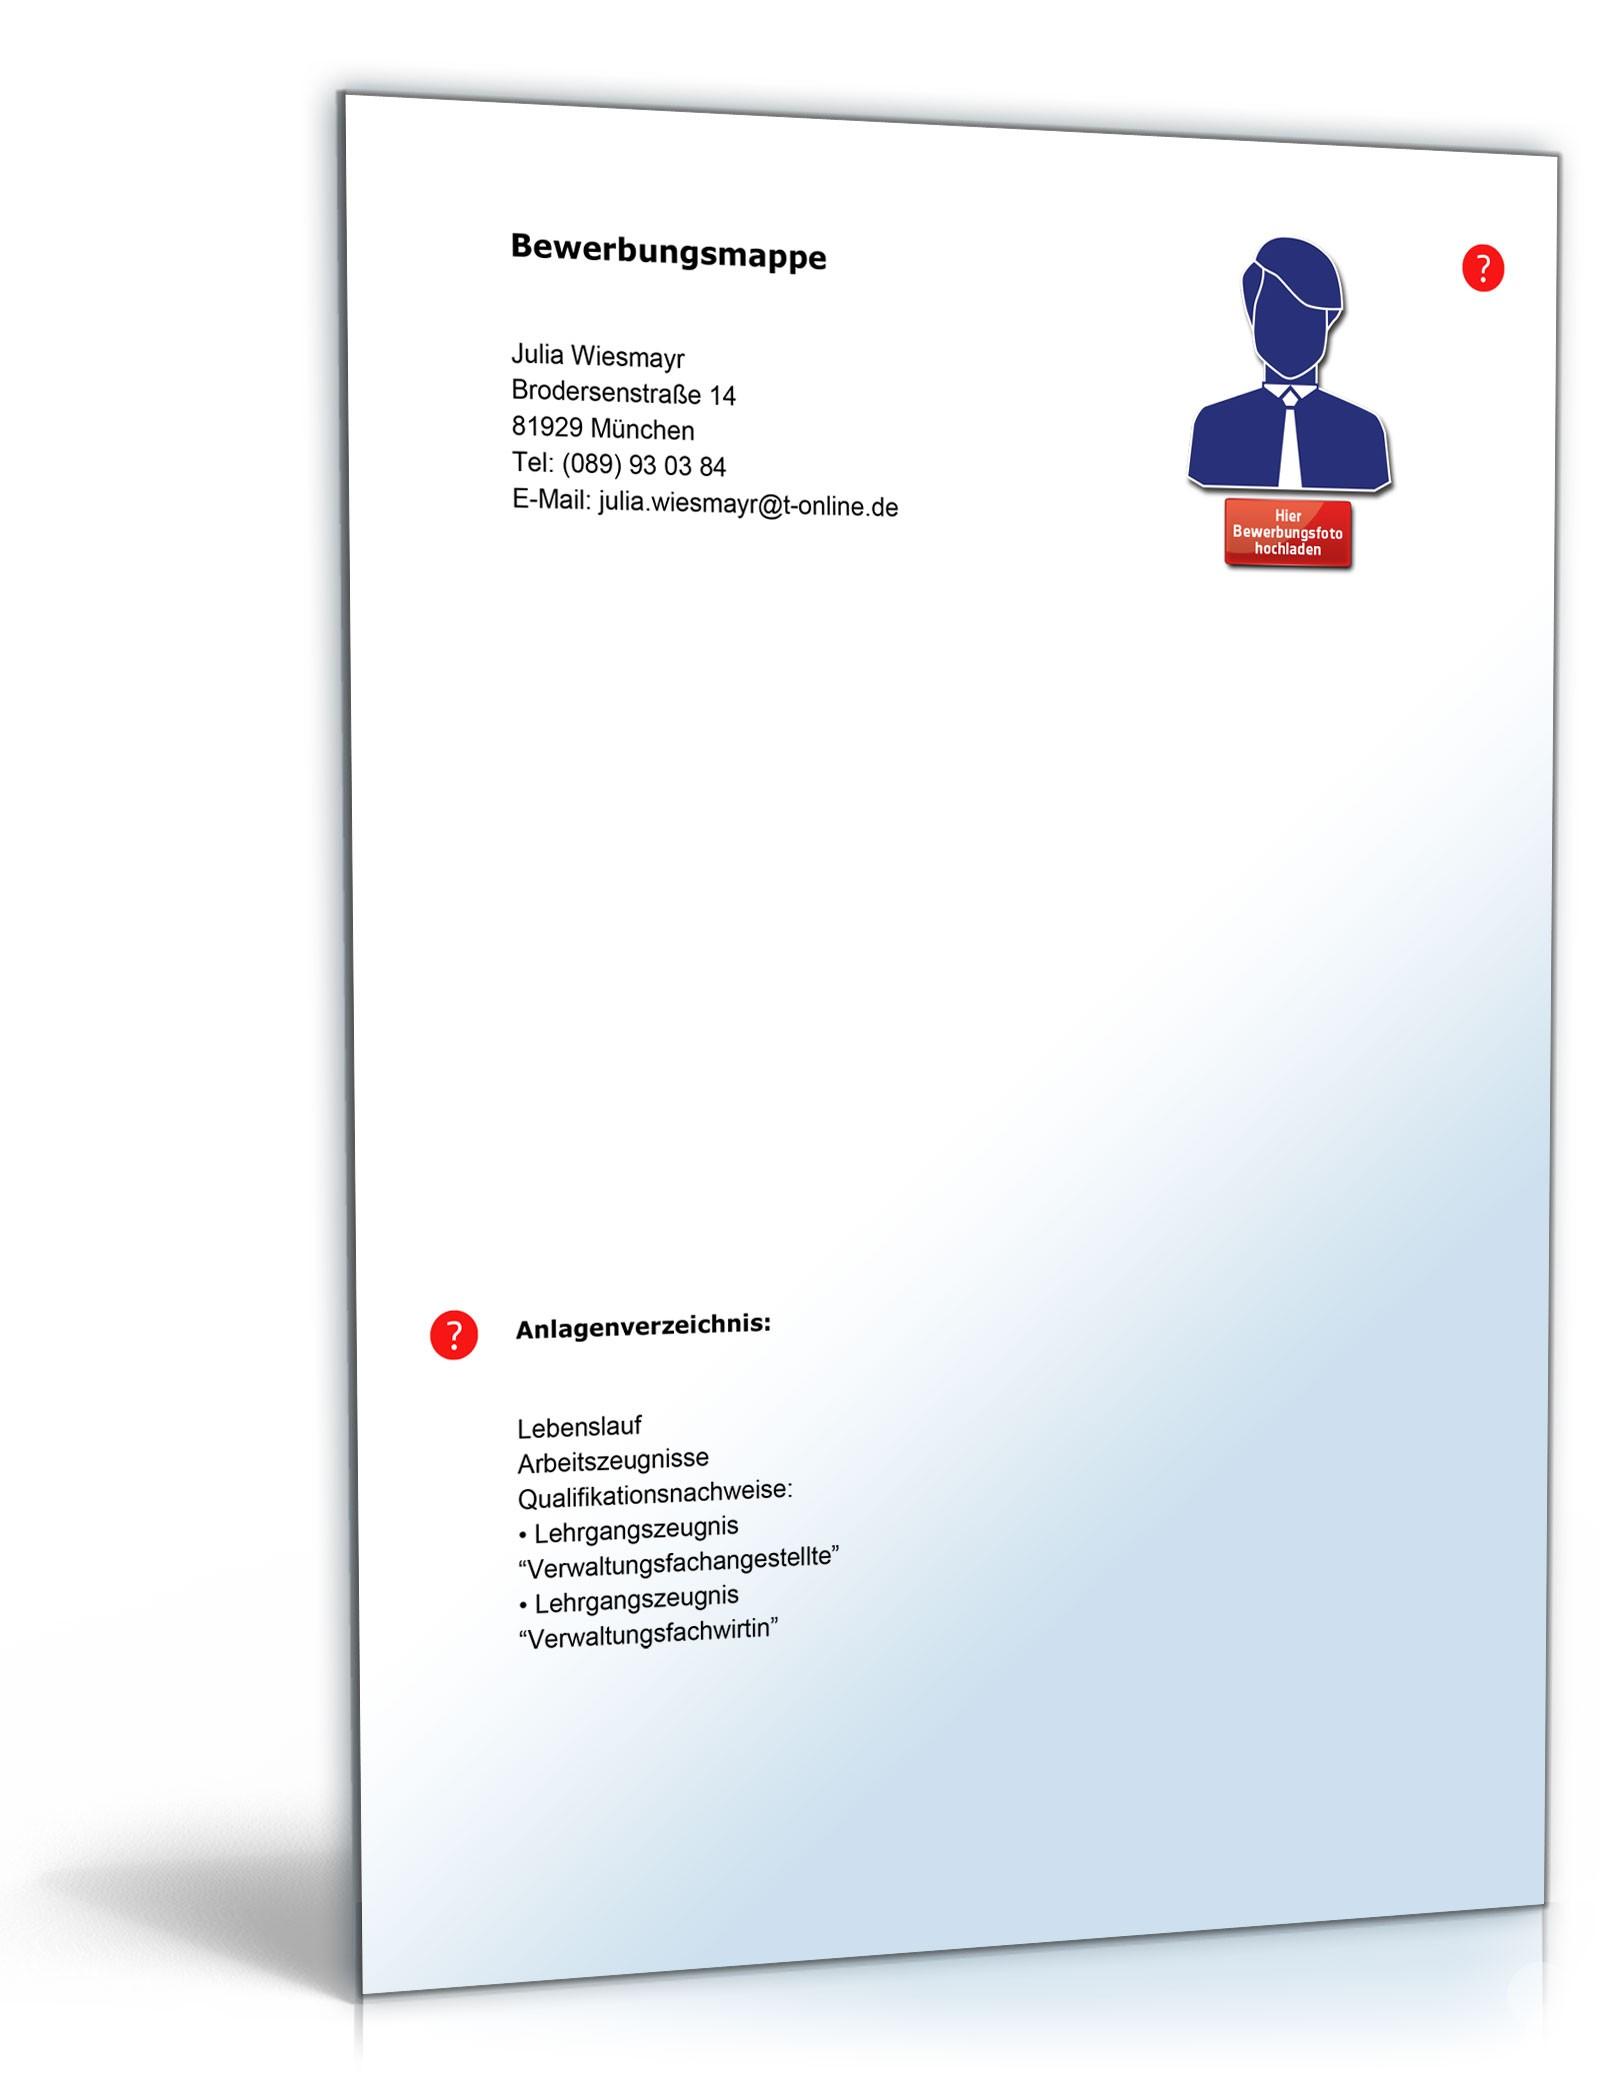 Lebenslauf Verwaltungsfachangestellter | Muster zum Download